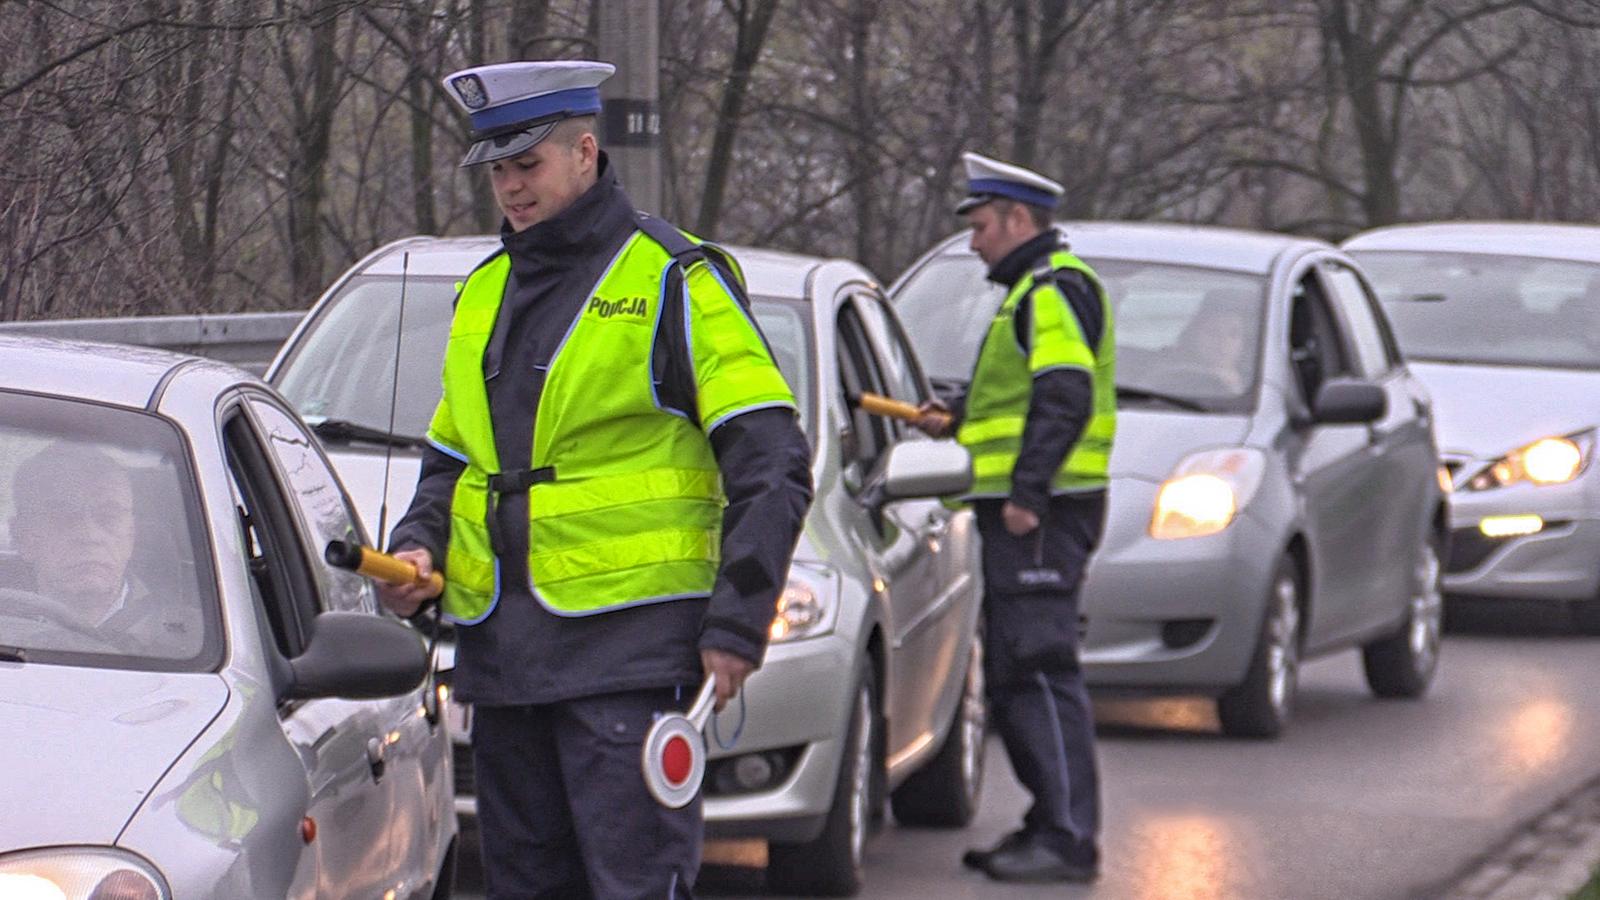 Zaostrzenie przepisów drogowych